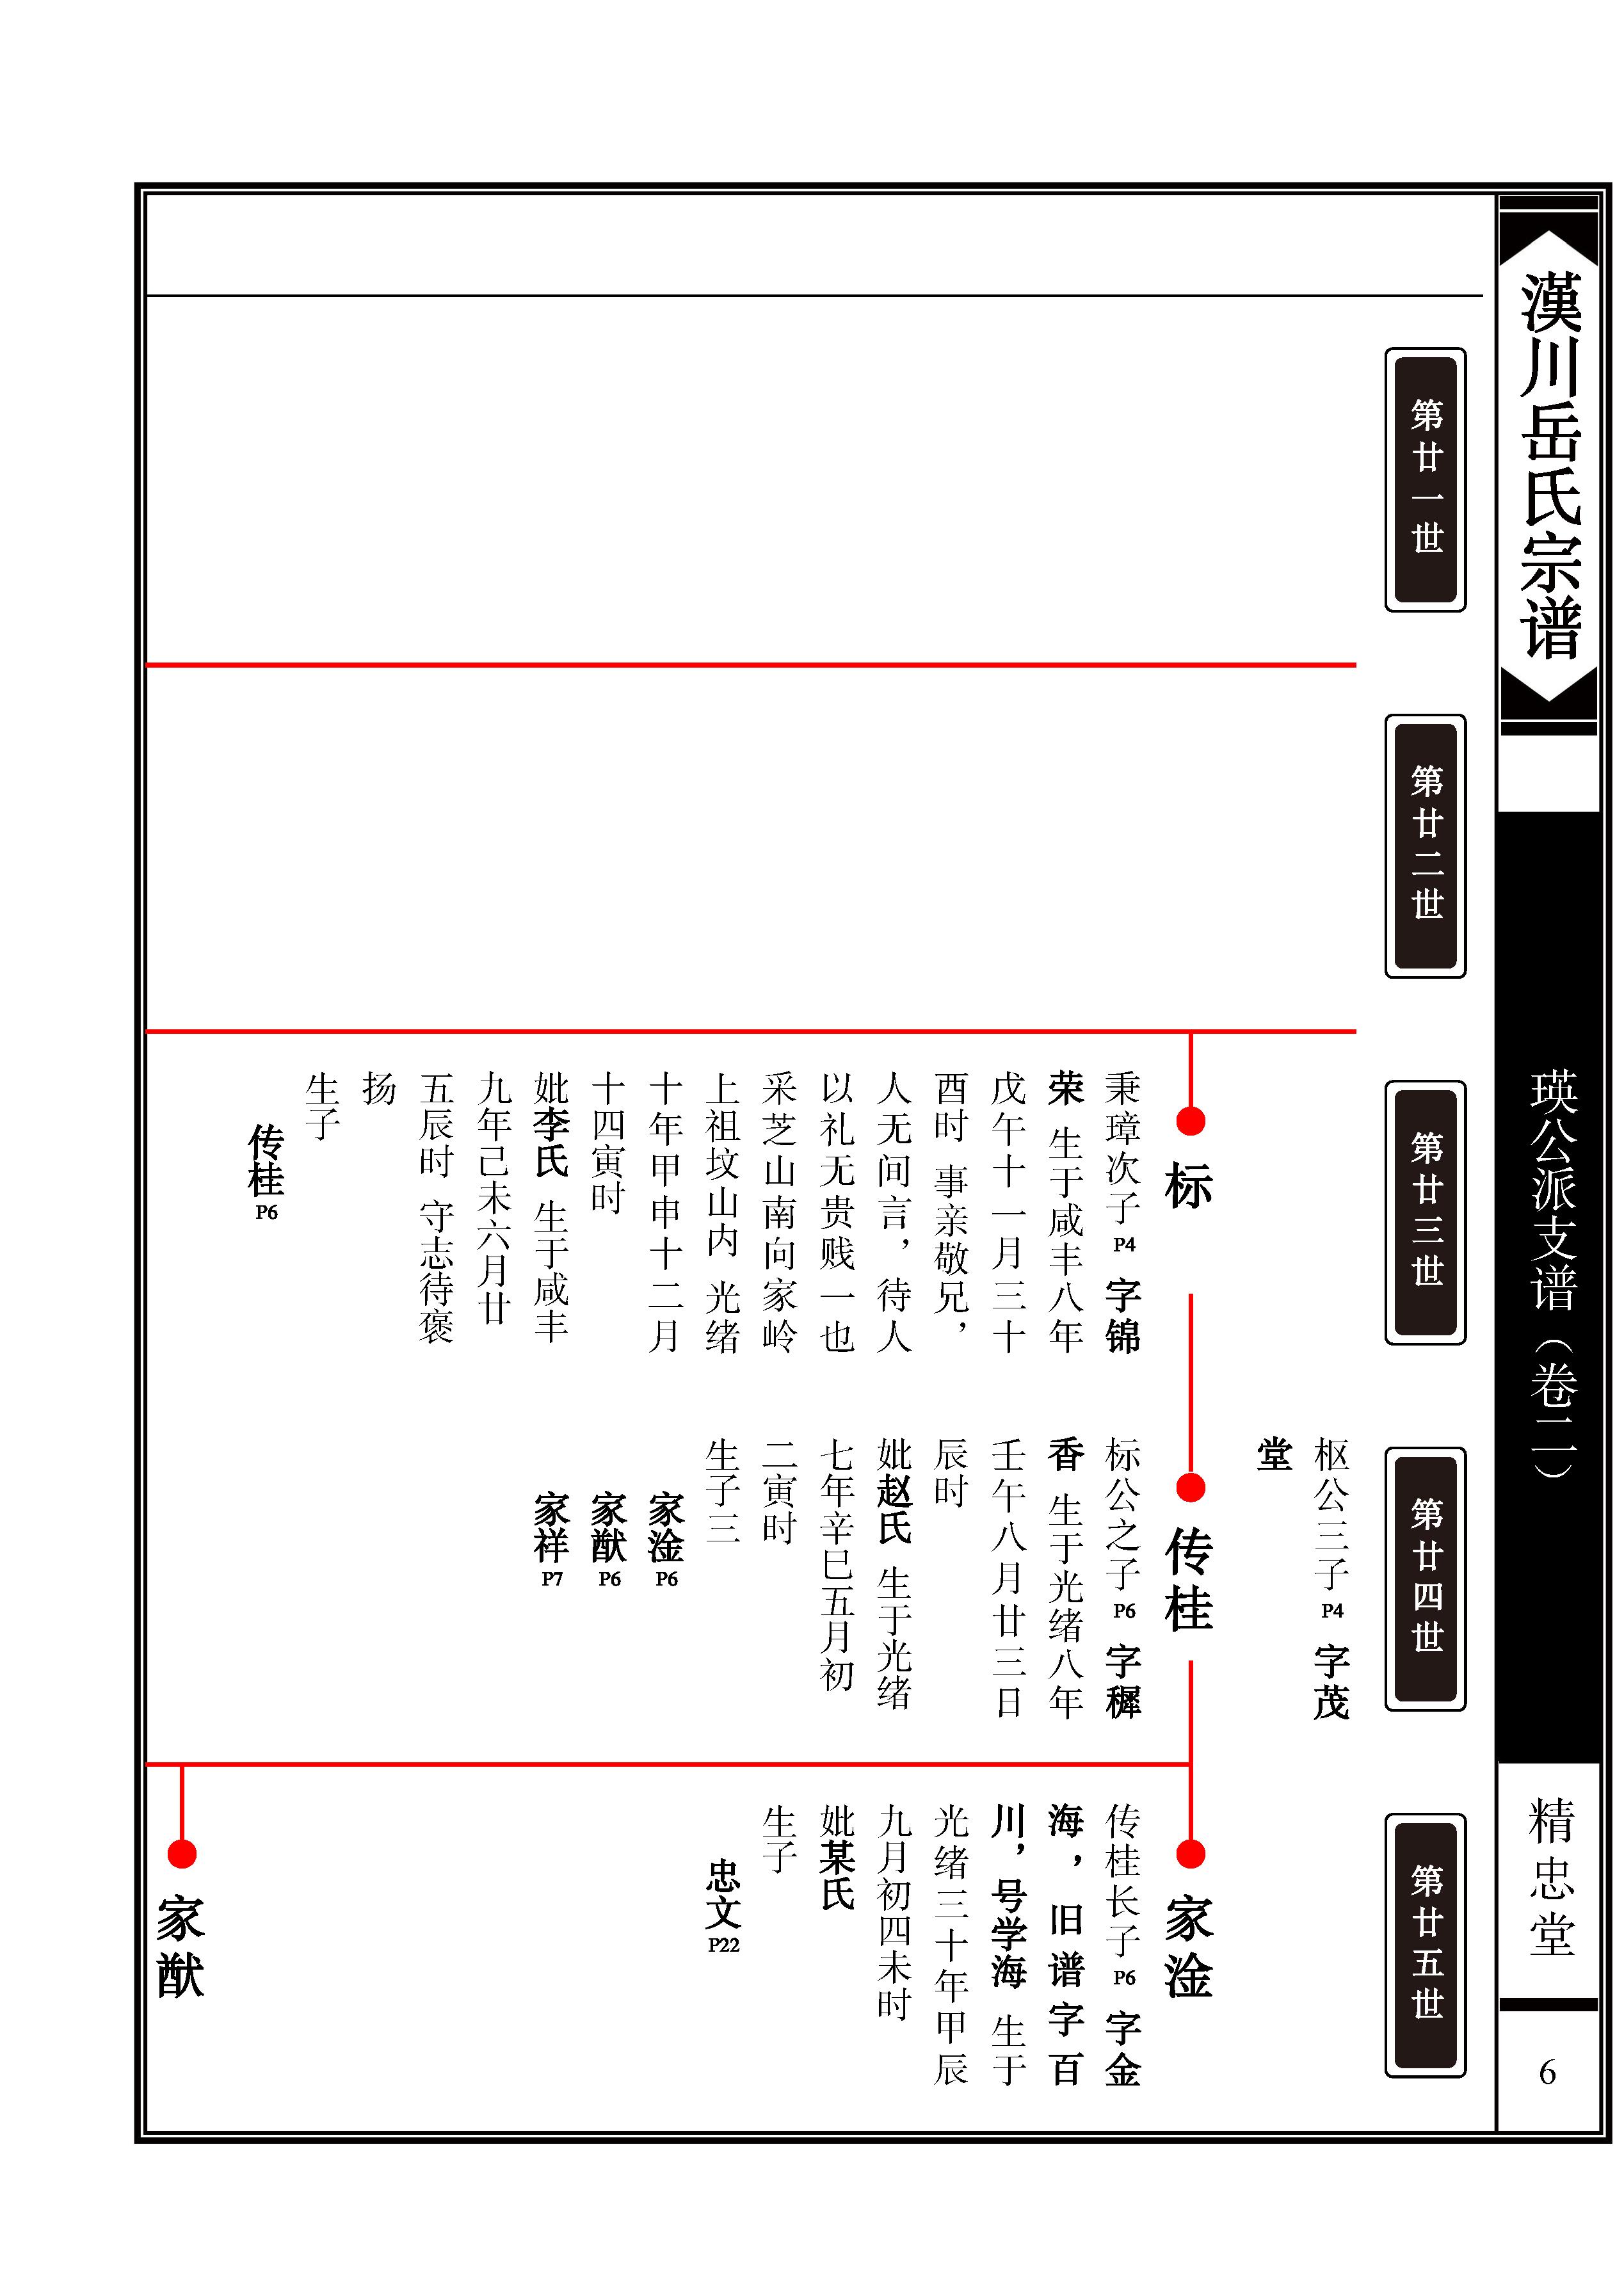 页面提取自-14古典吊线欧式_页面_4